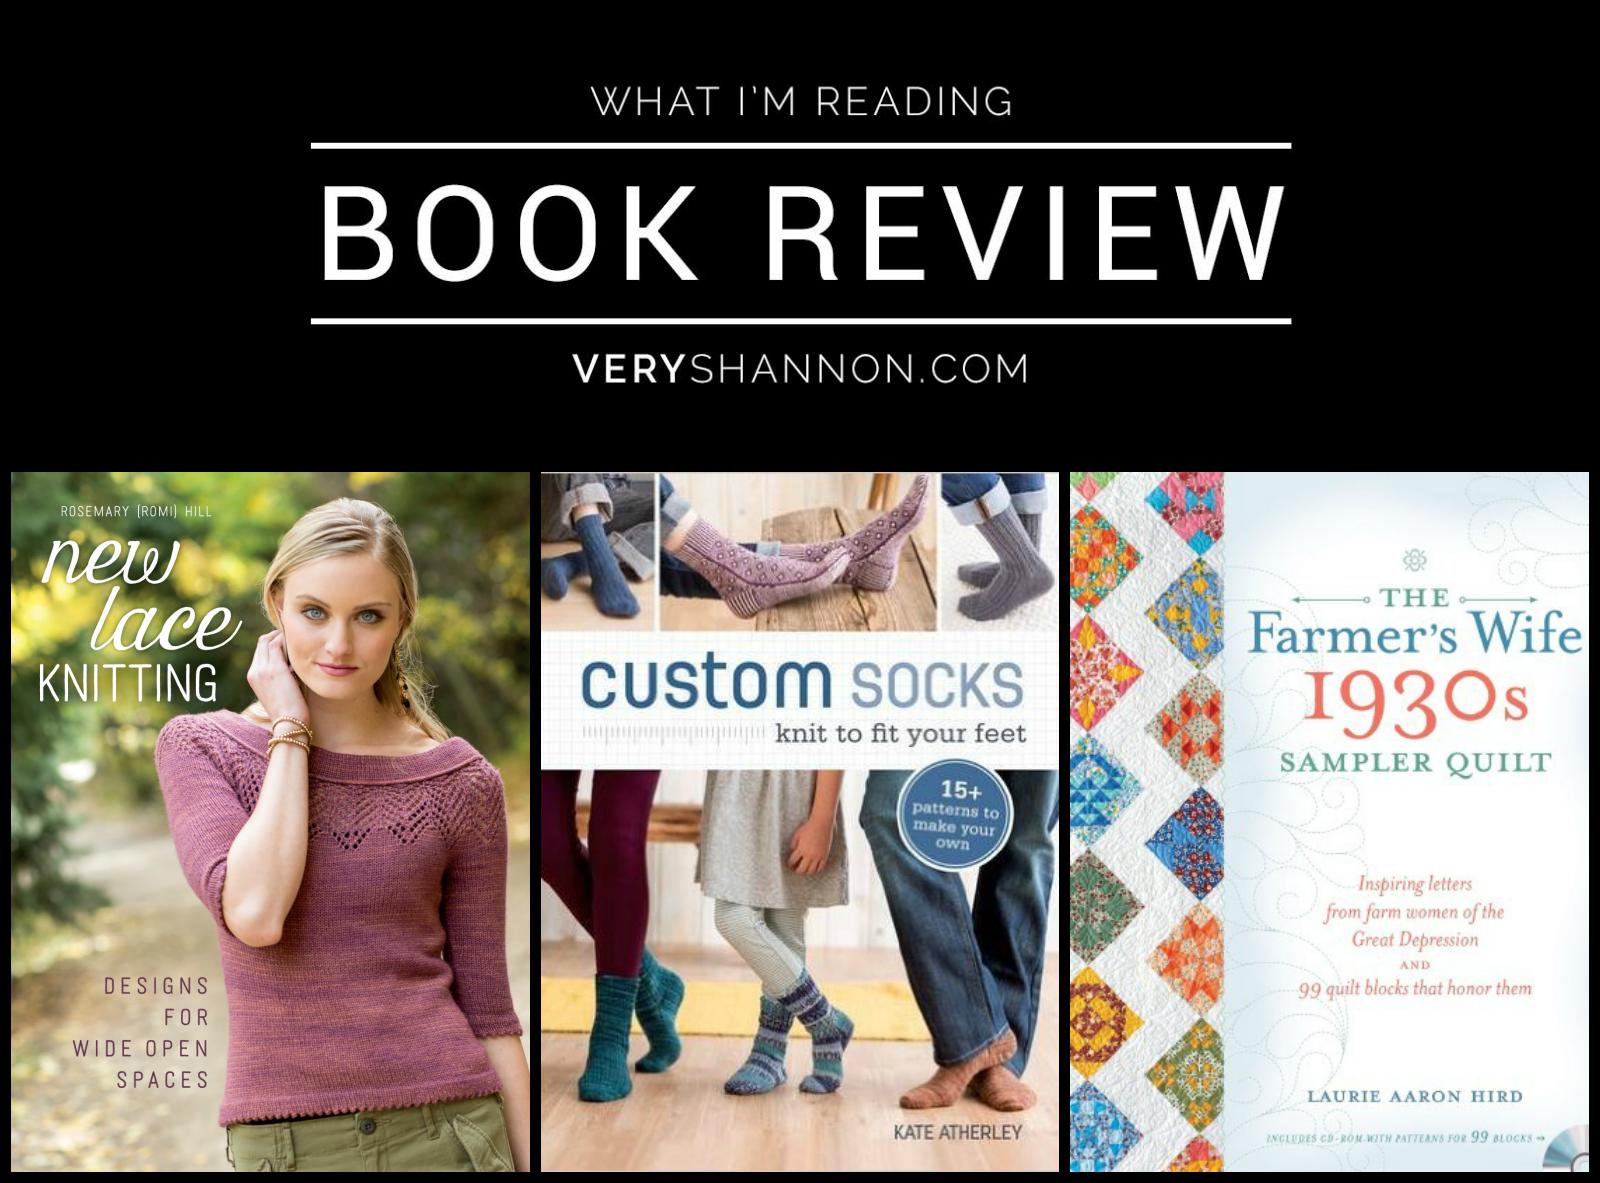 Book Reviews on VeryShannon.com